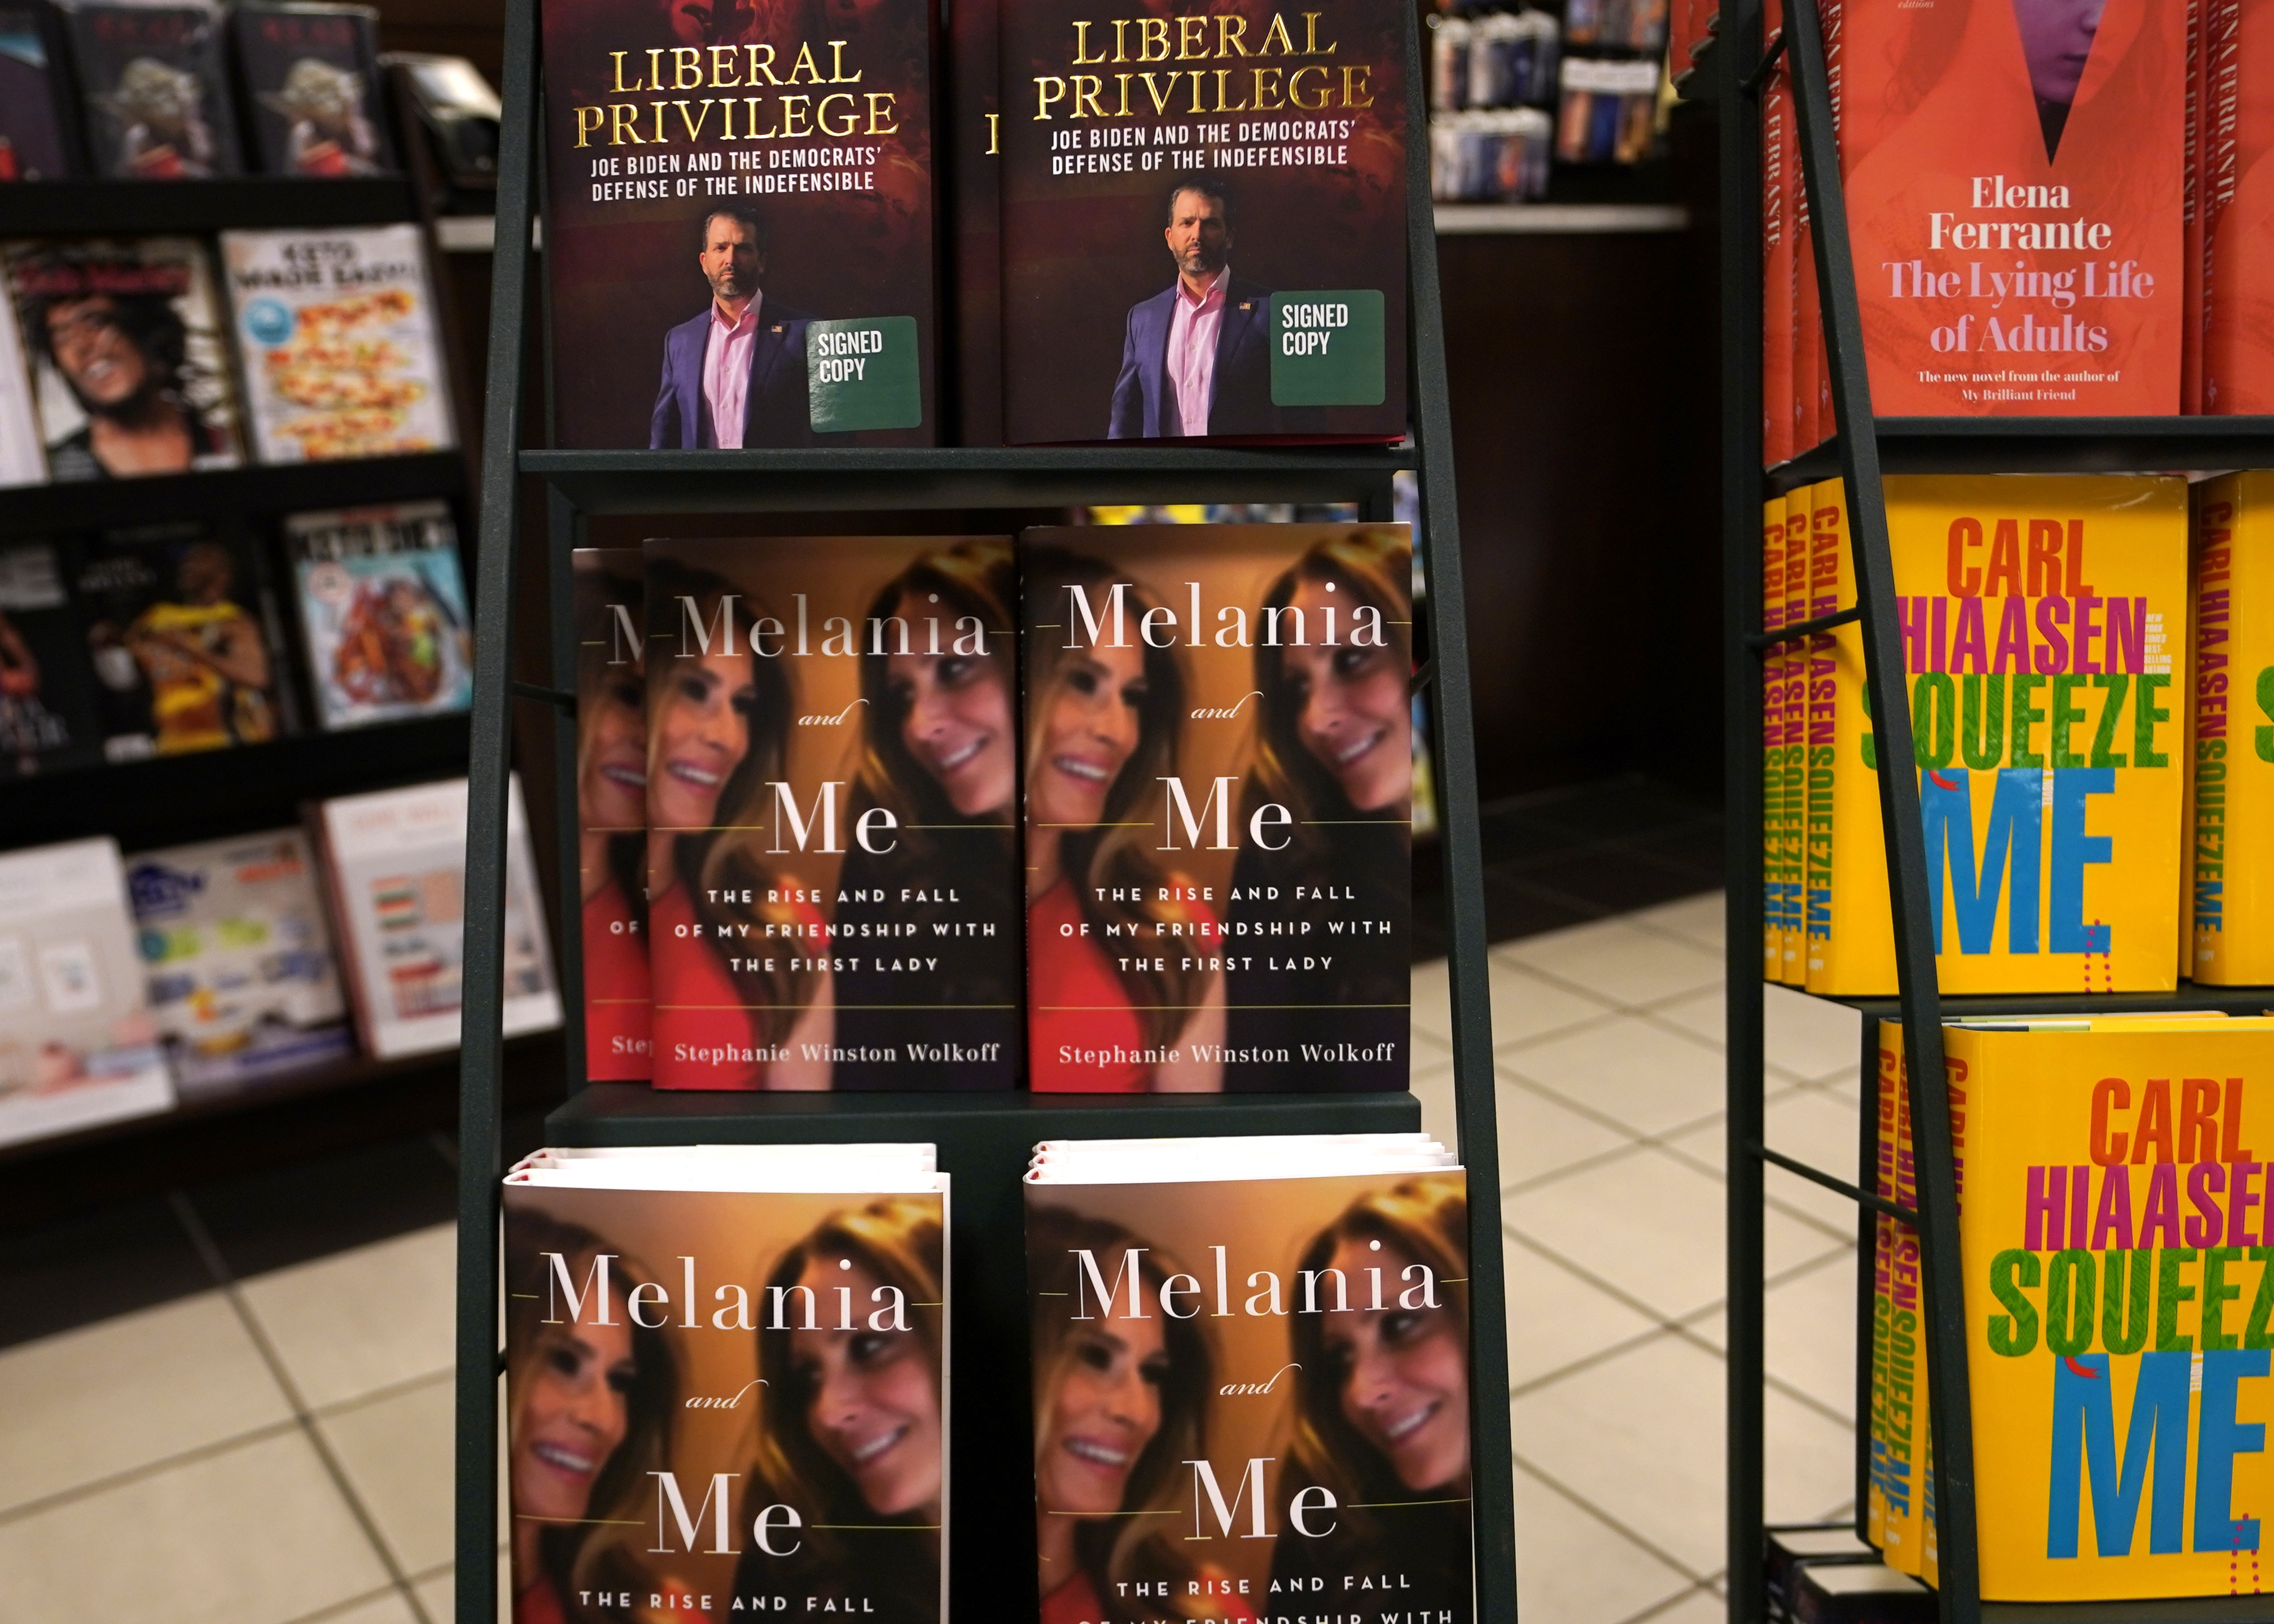 Pert indított az amerikai igazságügyi minisztérium Melania Trump volt tanácsadója ellen, mert a first ladyről szóló könyvével titoktartást szegett